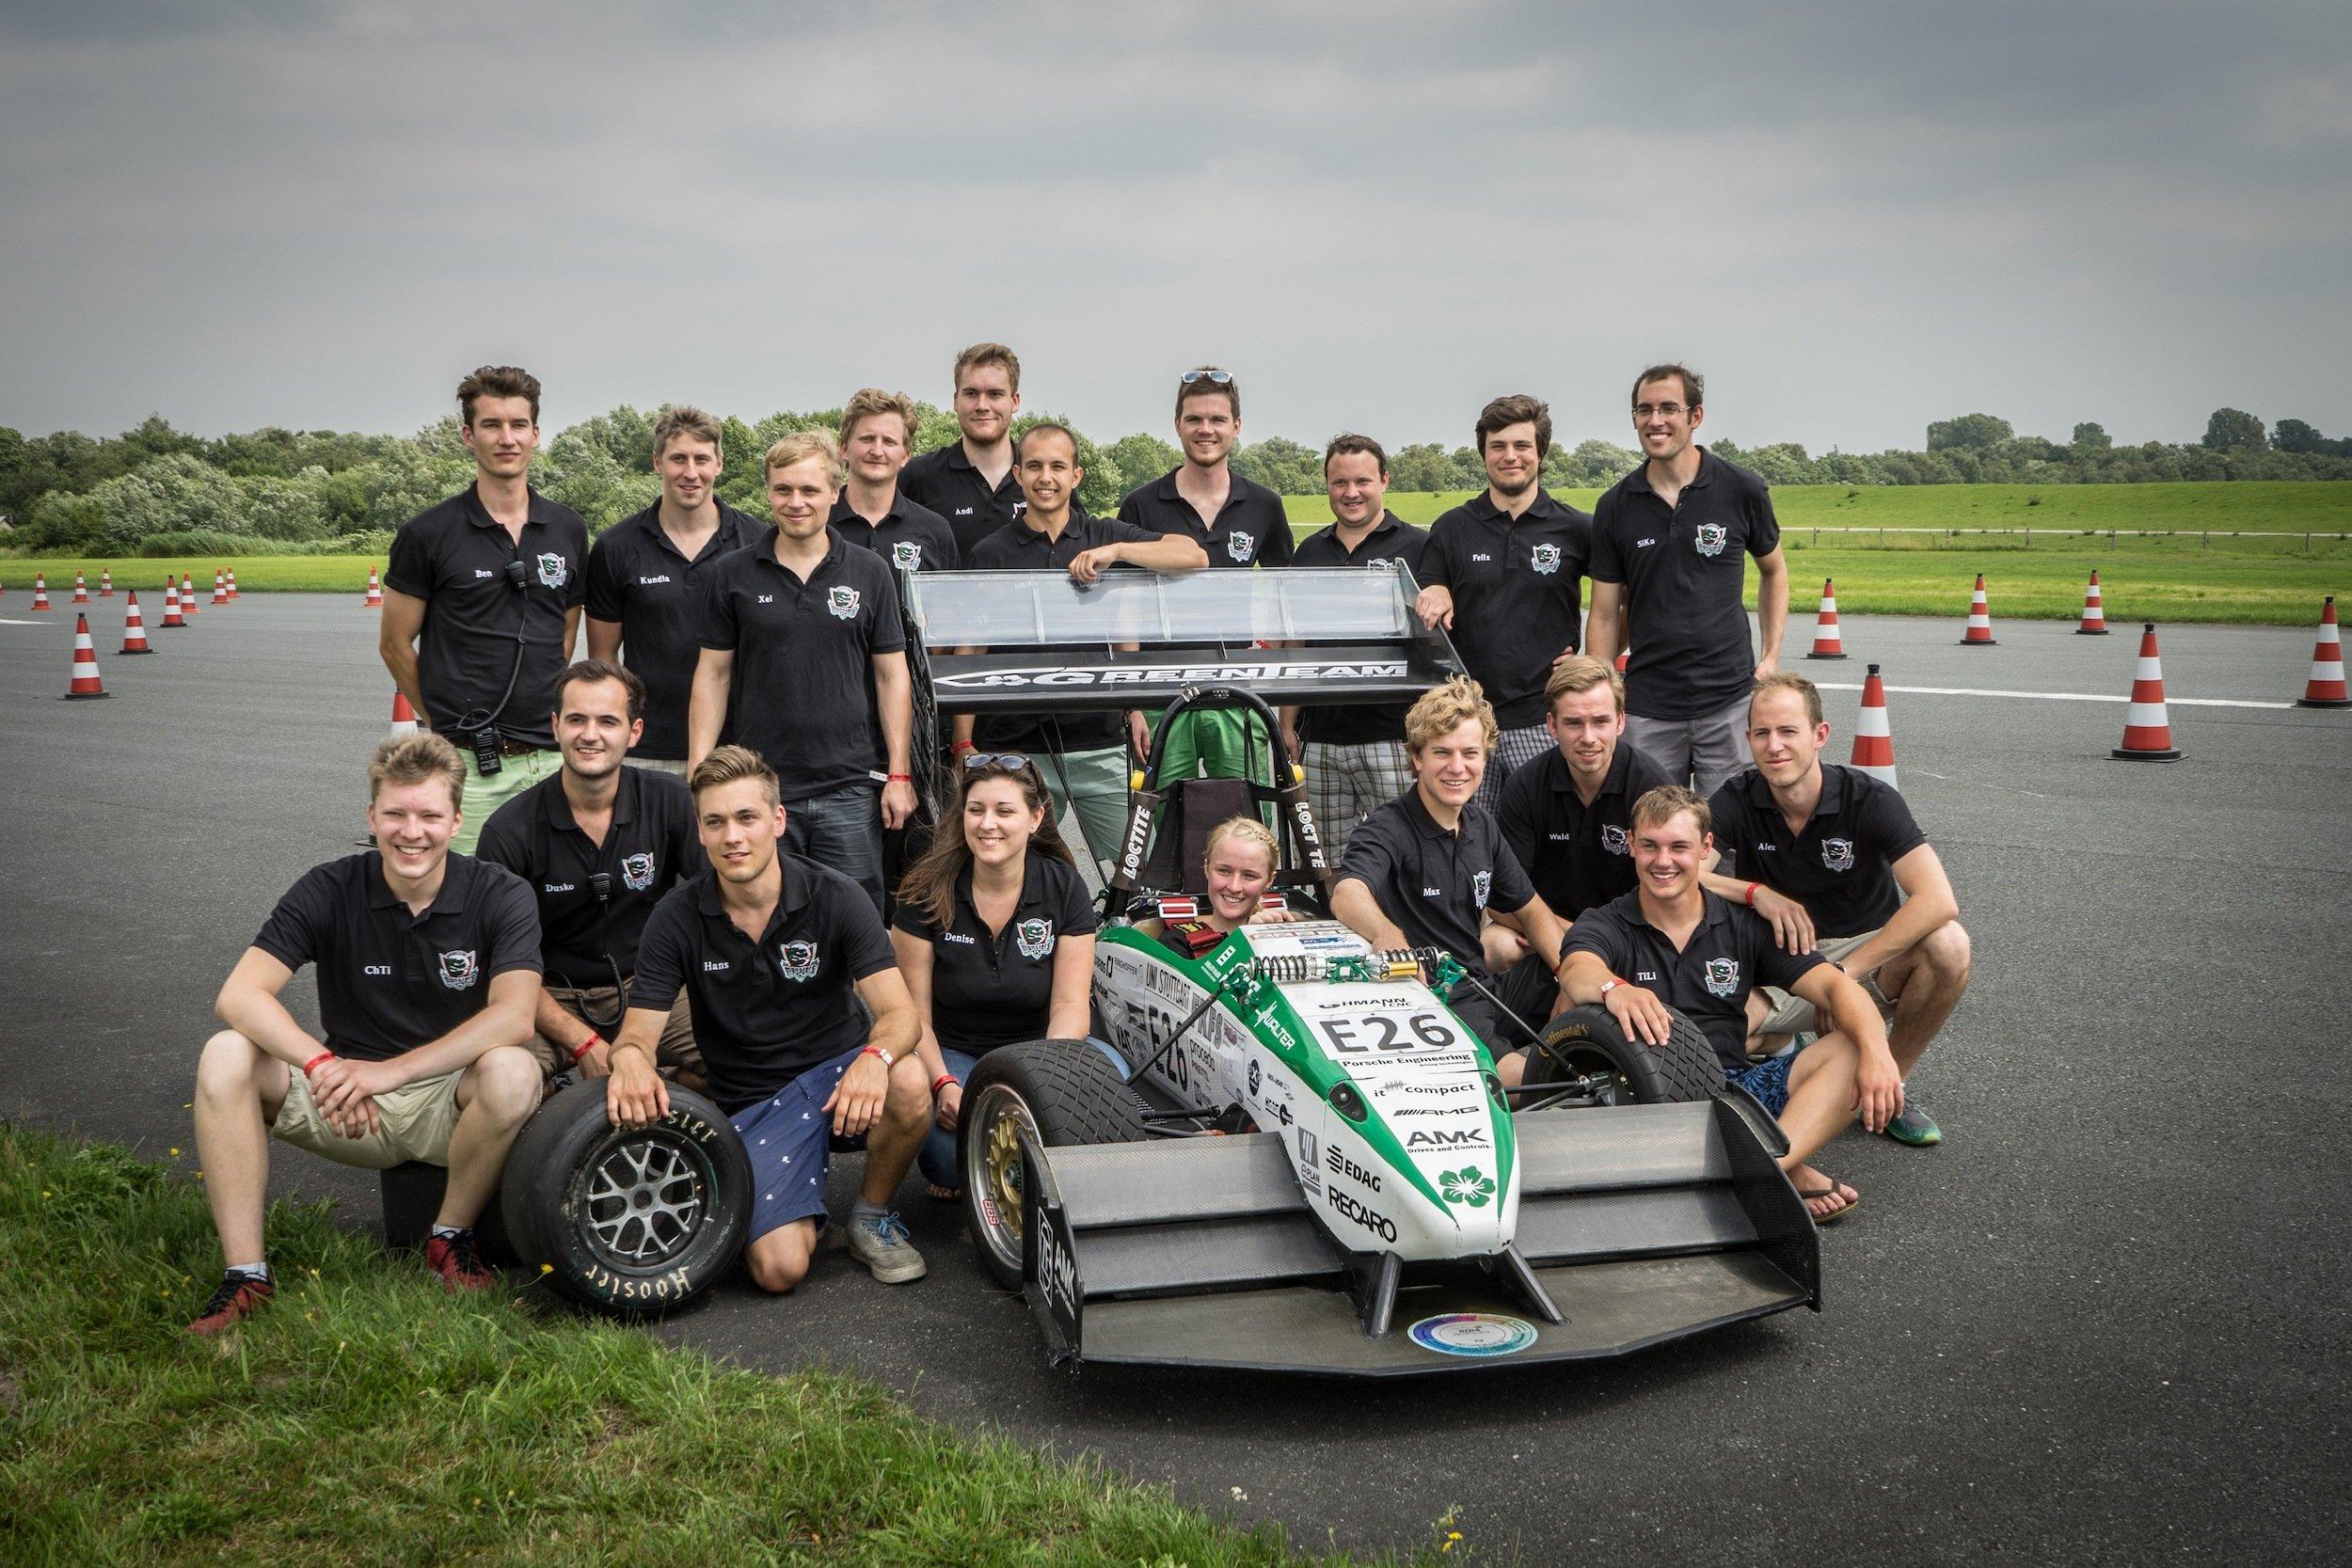 Das Stuttgarter Green Team: Auf der Weltrangliste steht es derzeit noch auf Platz sechs. Das könnte sich mit der Rekordfahrt ändern.